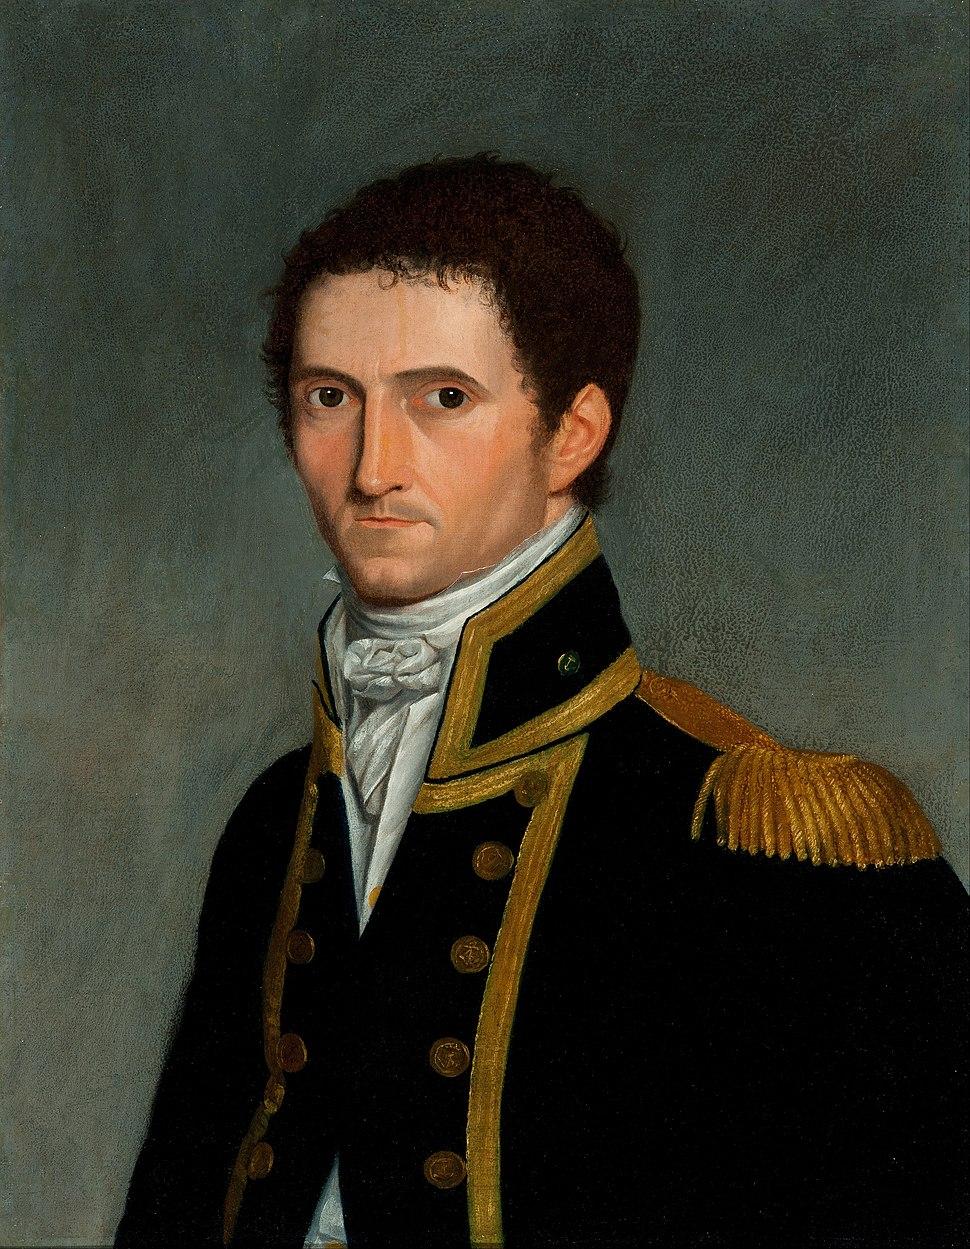 Toussaint Antoine DE CHAZAL DE Chamerel - Portrait of Captain Matthew Flinders, RN, 1774-1814 - Google Art Project